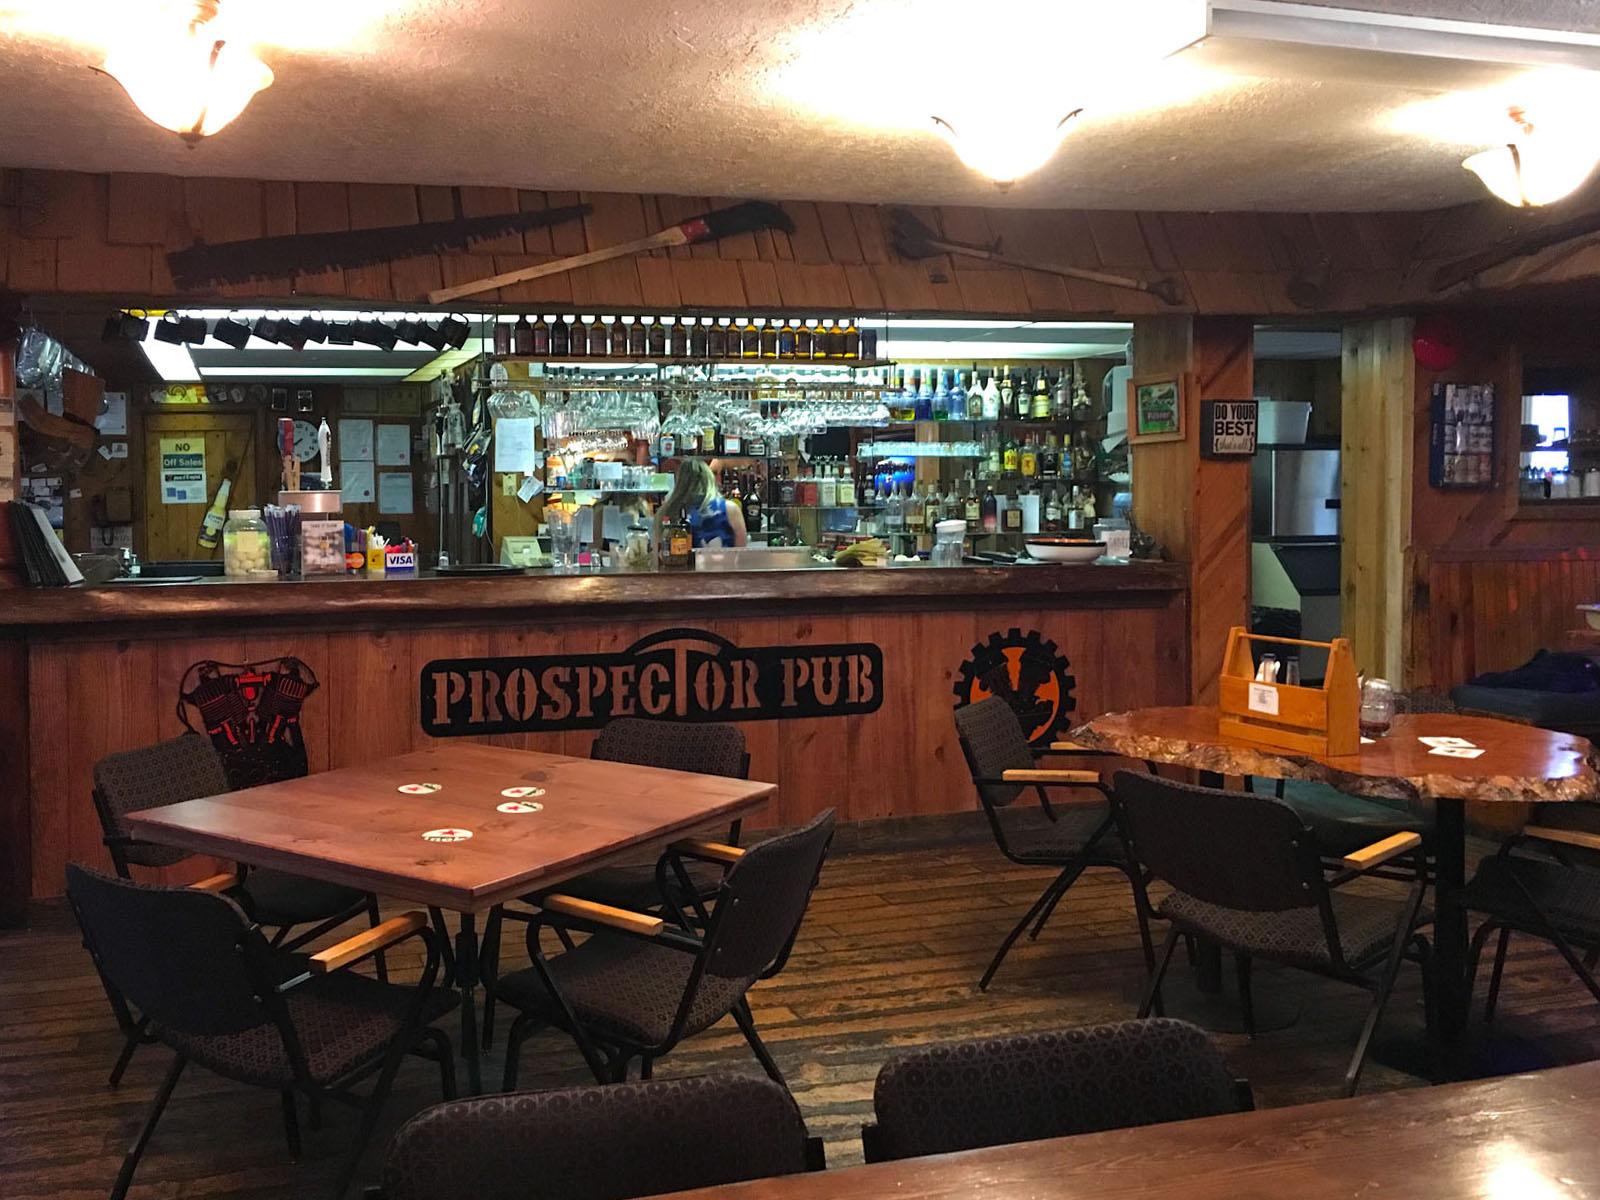 Porsopector pub rock creek 12